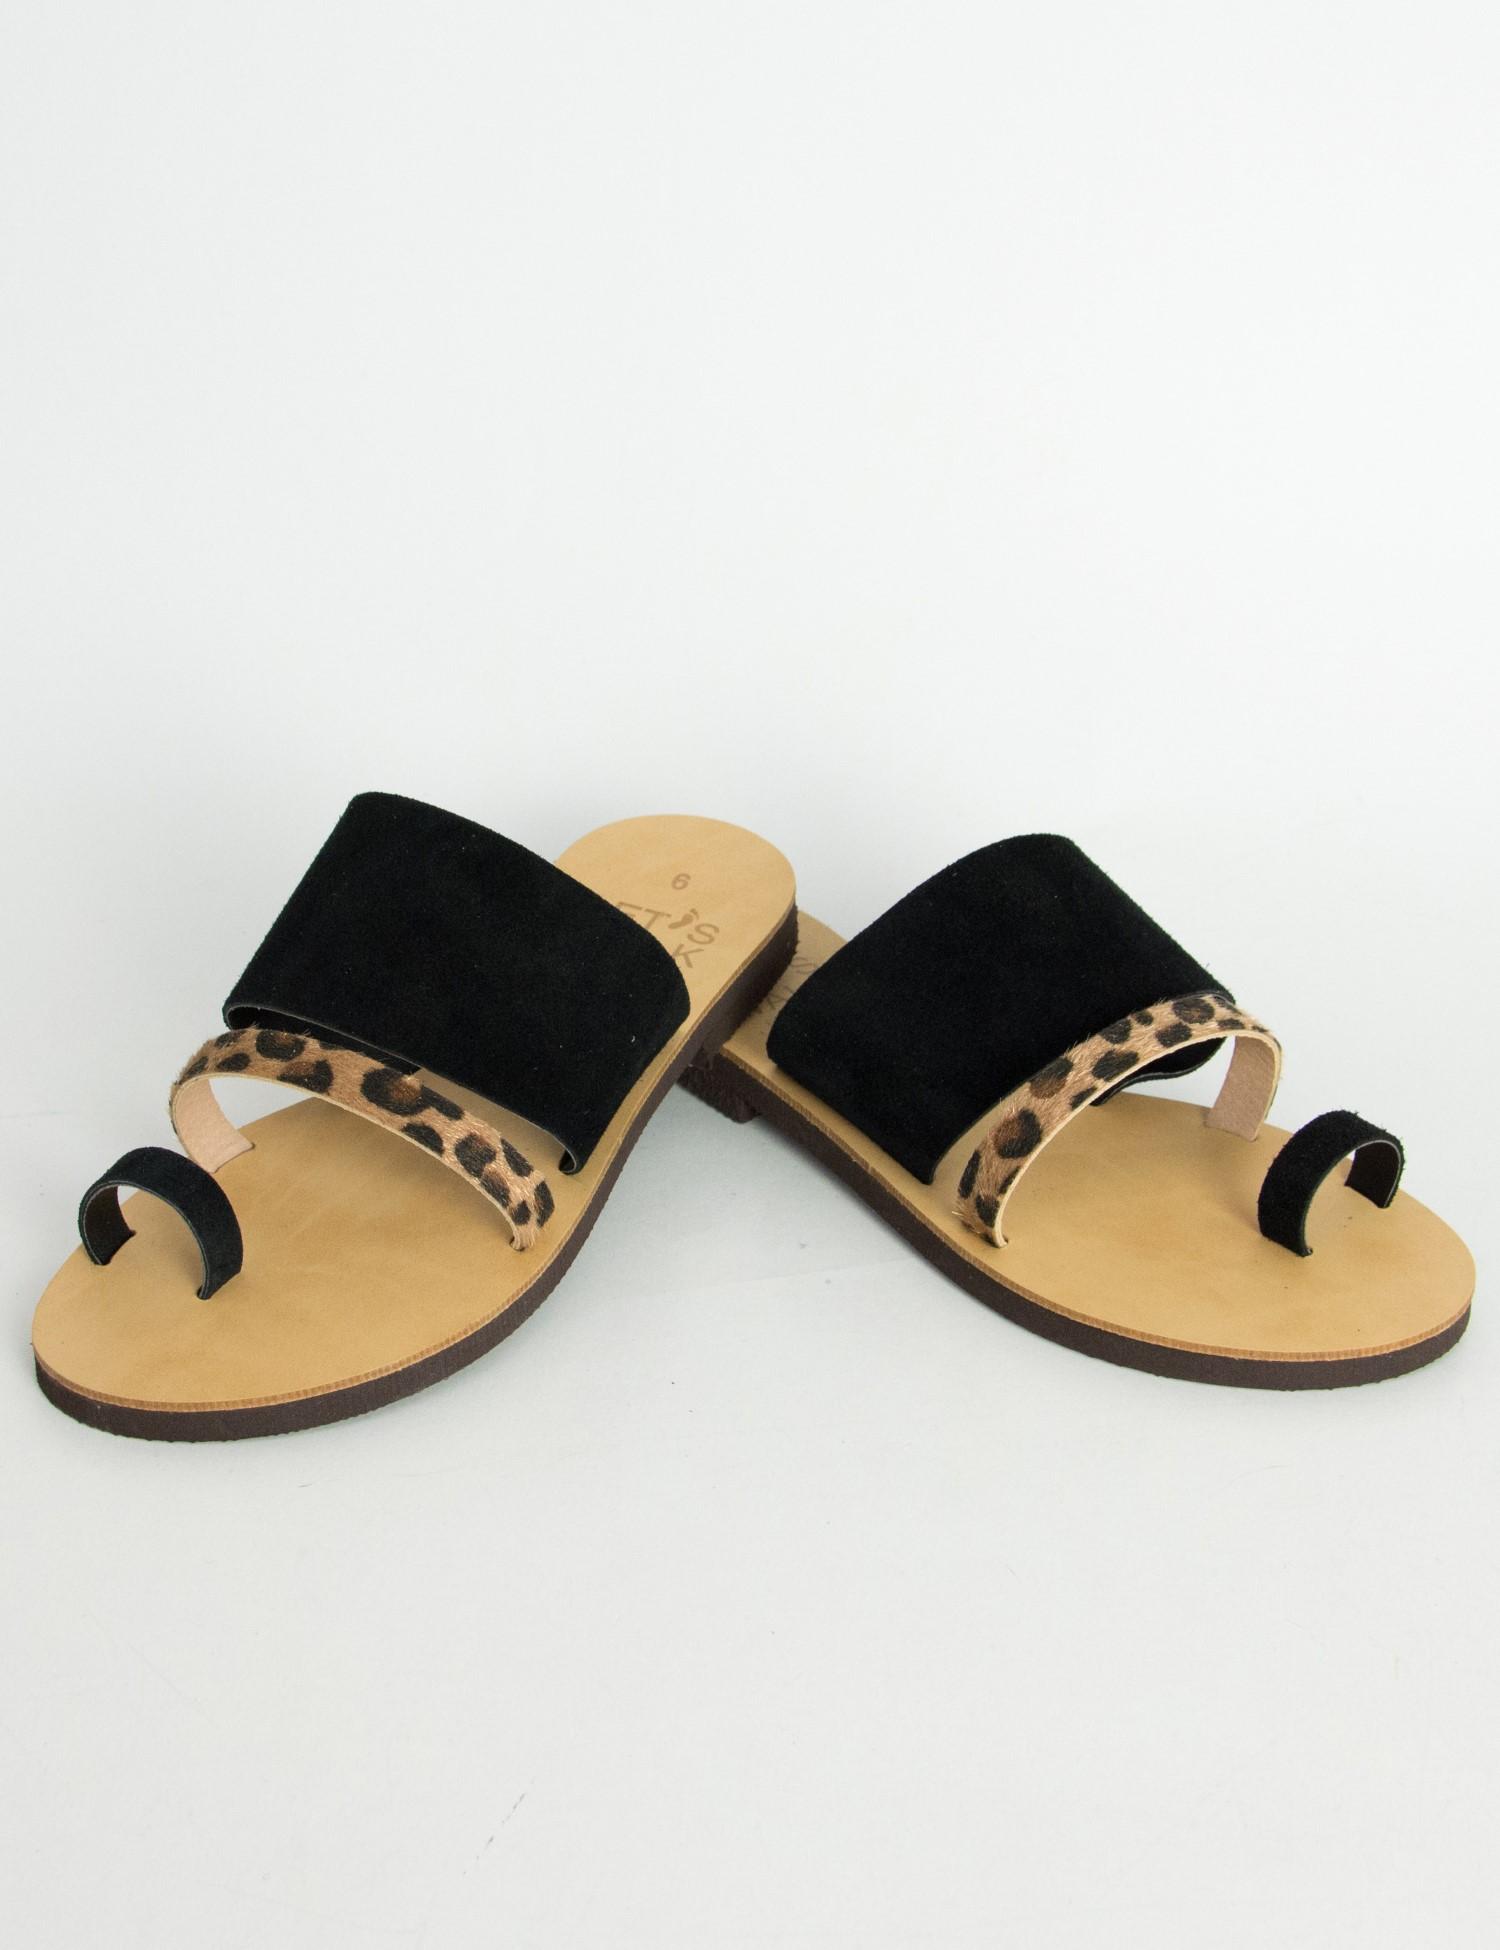 Γυναικεία μαύρα Flat σανδάλια με λουράκια λεοπάρ 183850G 23335b826bd